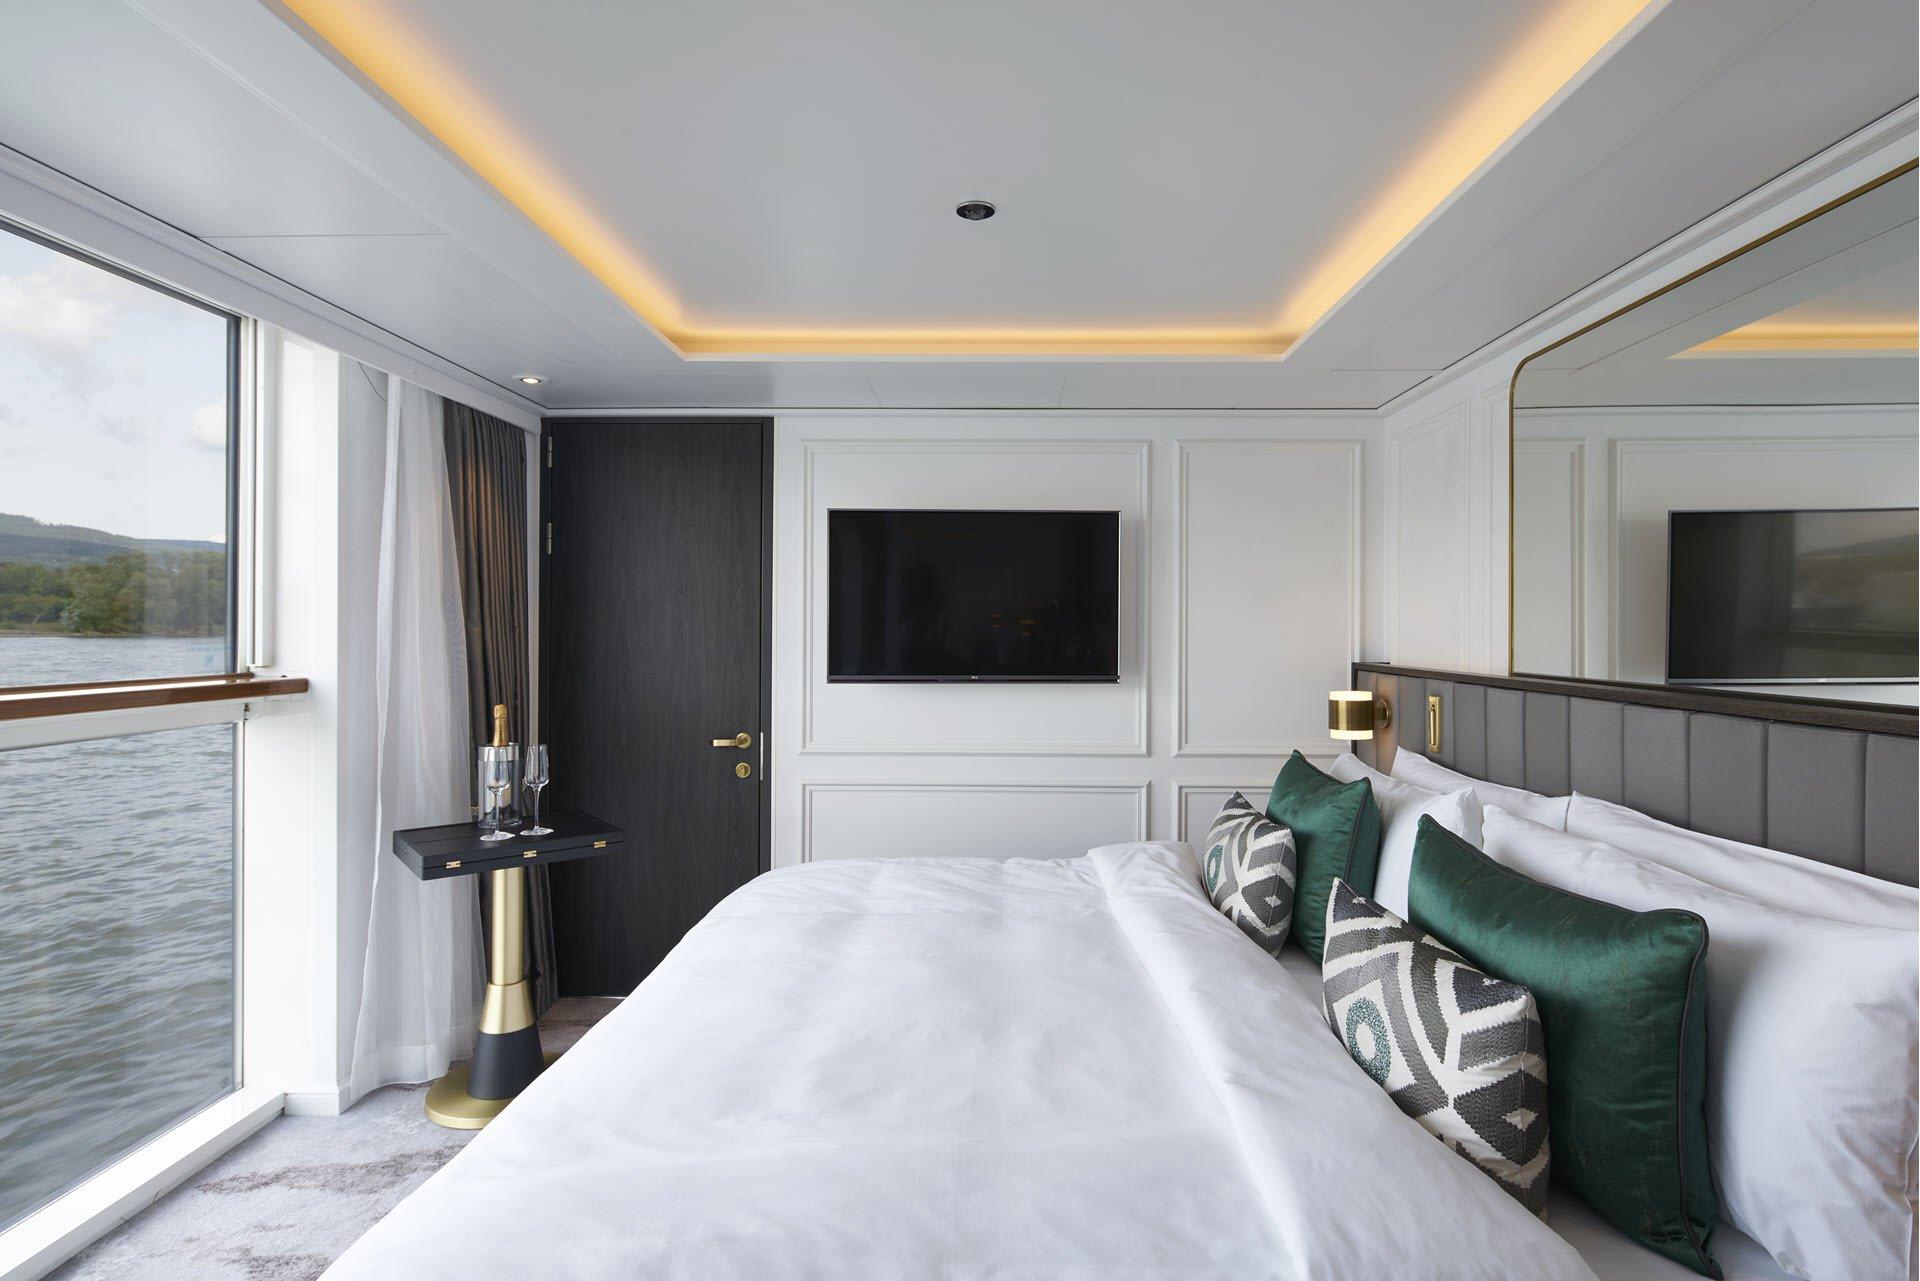 Suite de lujo con balcón ventana panorámica (S3)